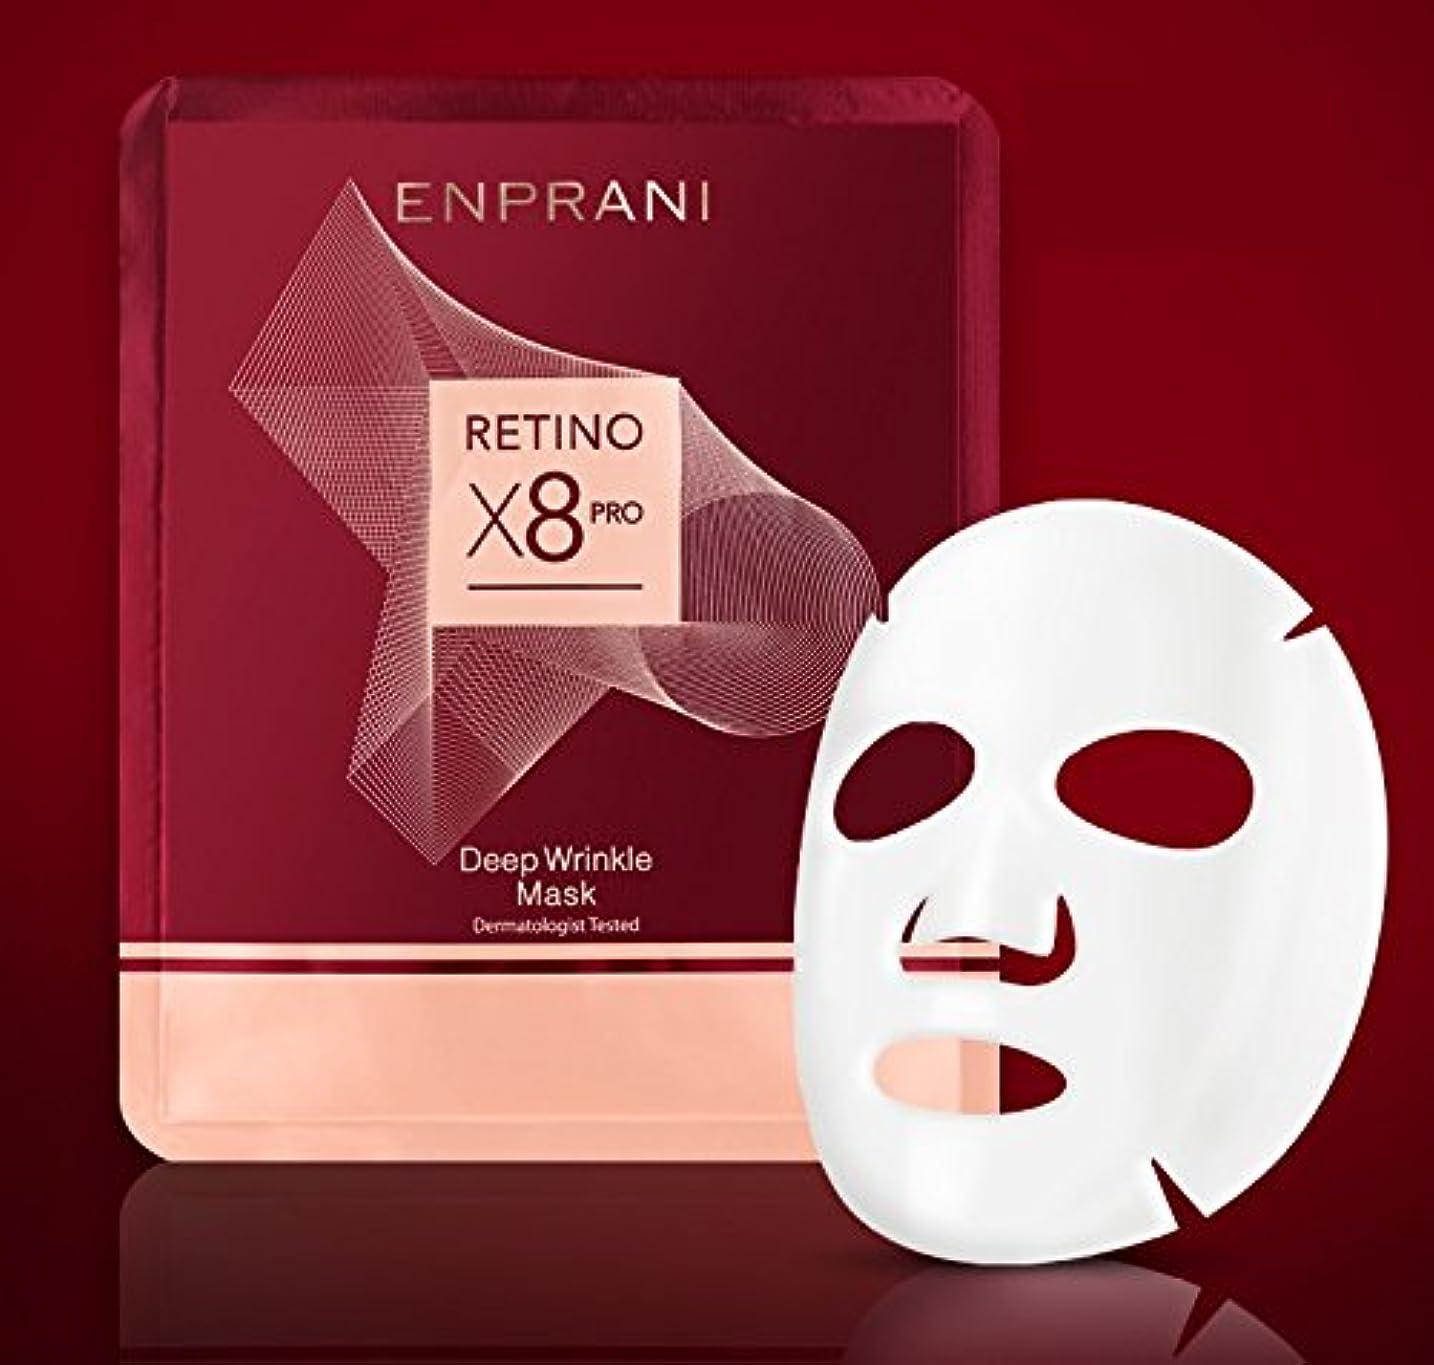 着陸旅行代理店セブンENPRANI Retinoeight ×8 Pro Deep Wrinkle Mask 2EA エンプラニ レチノ×8 プロディープリンクルマスク 2枚 [並行輸入品]